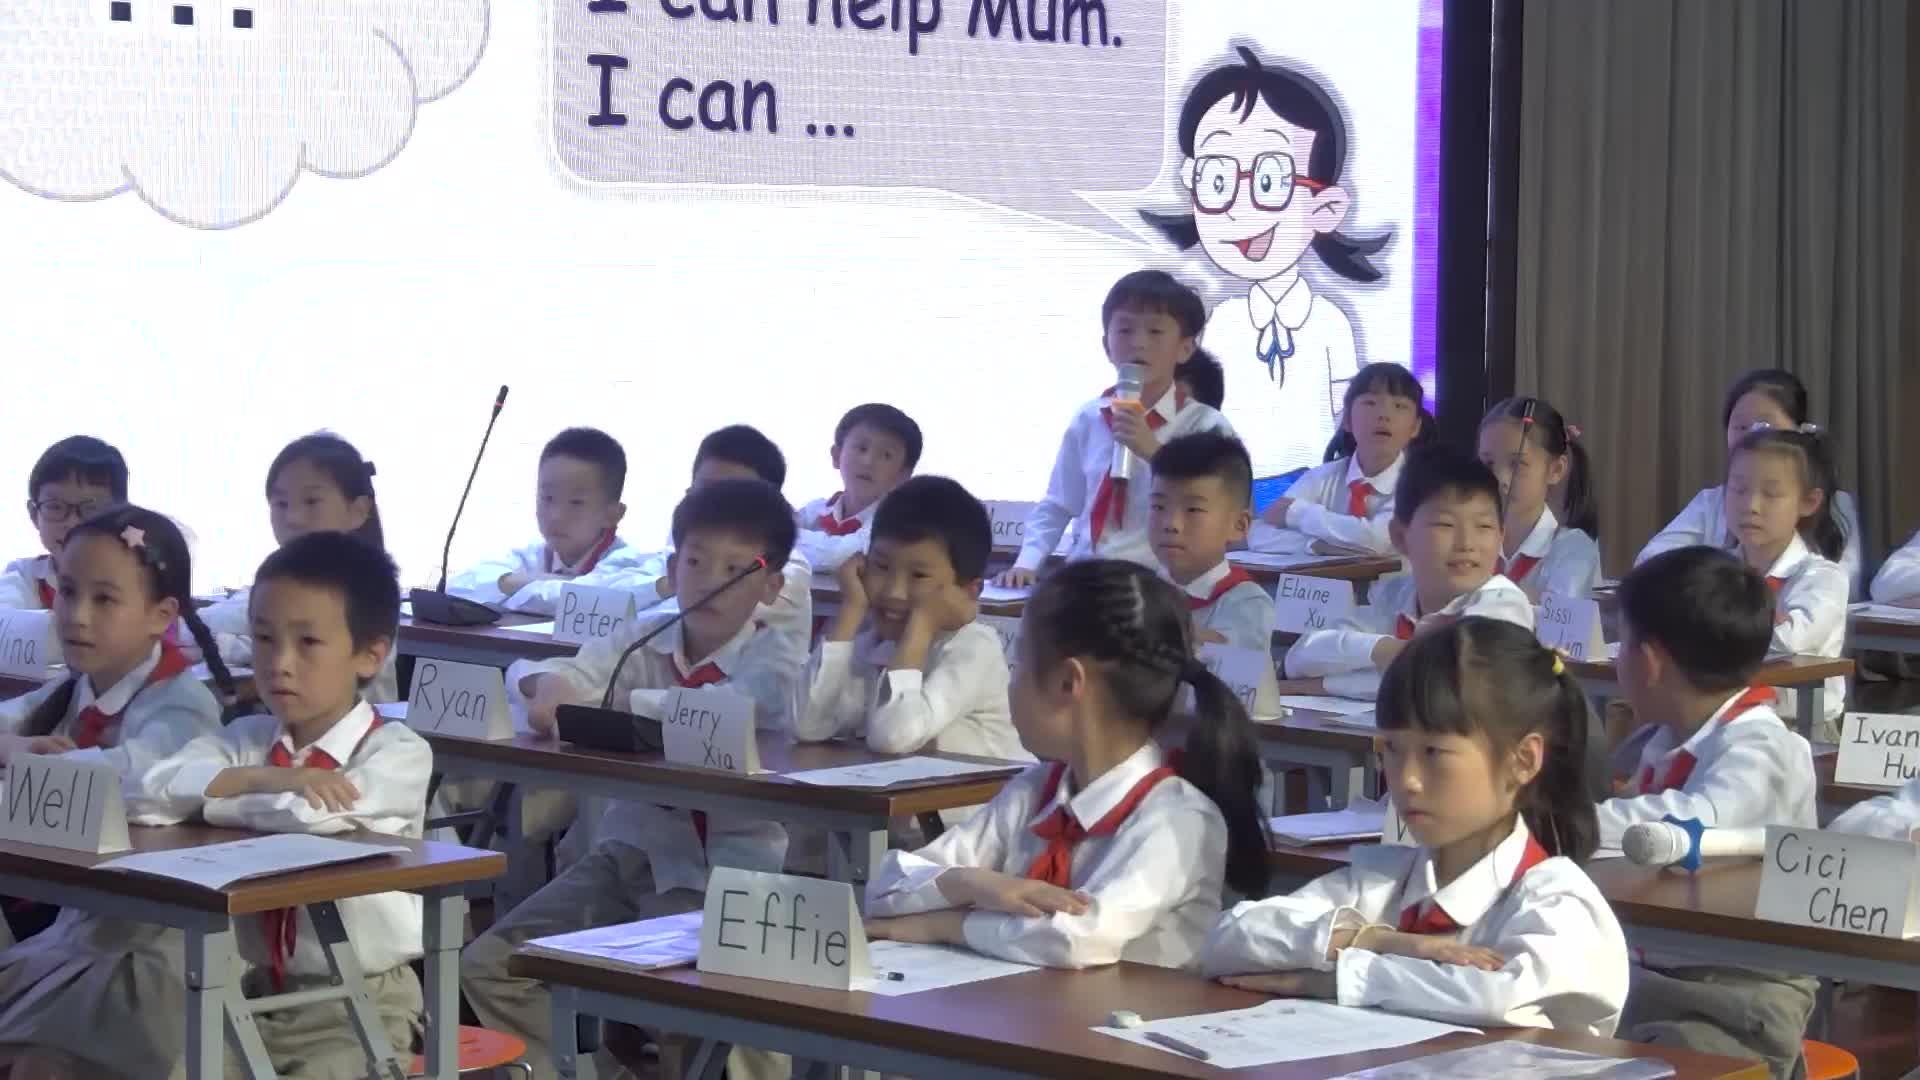 小学英语牛津上海版2B《Module4 Unit2 Mother's Day period 2 A happy Mother's Day》启课、教学实录及专家点评(2021年上海小学英语优质课展示活动)